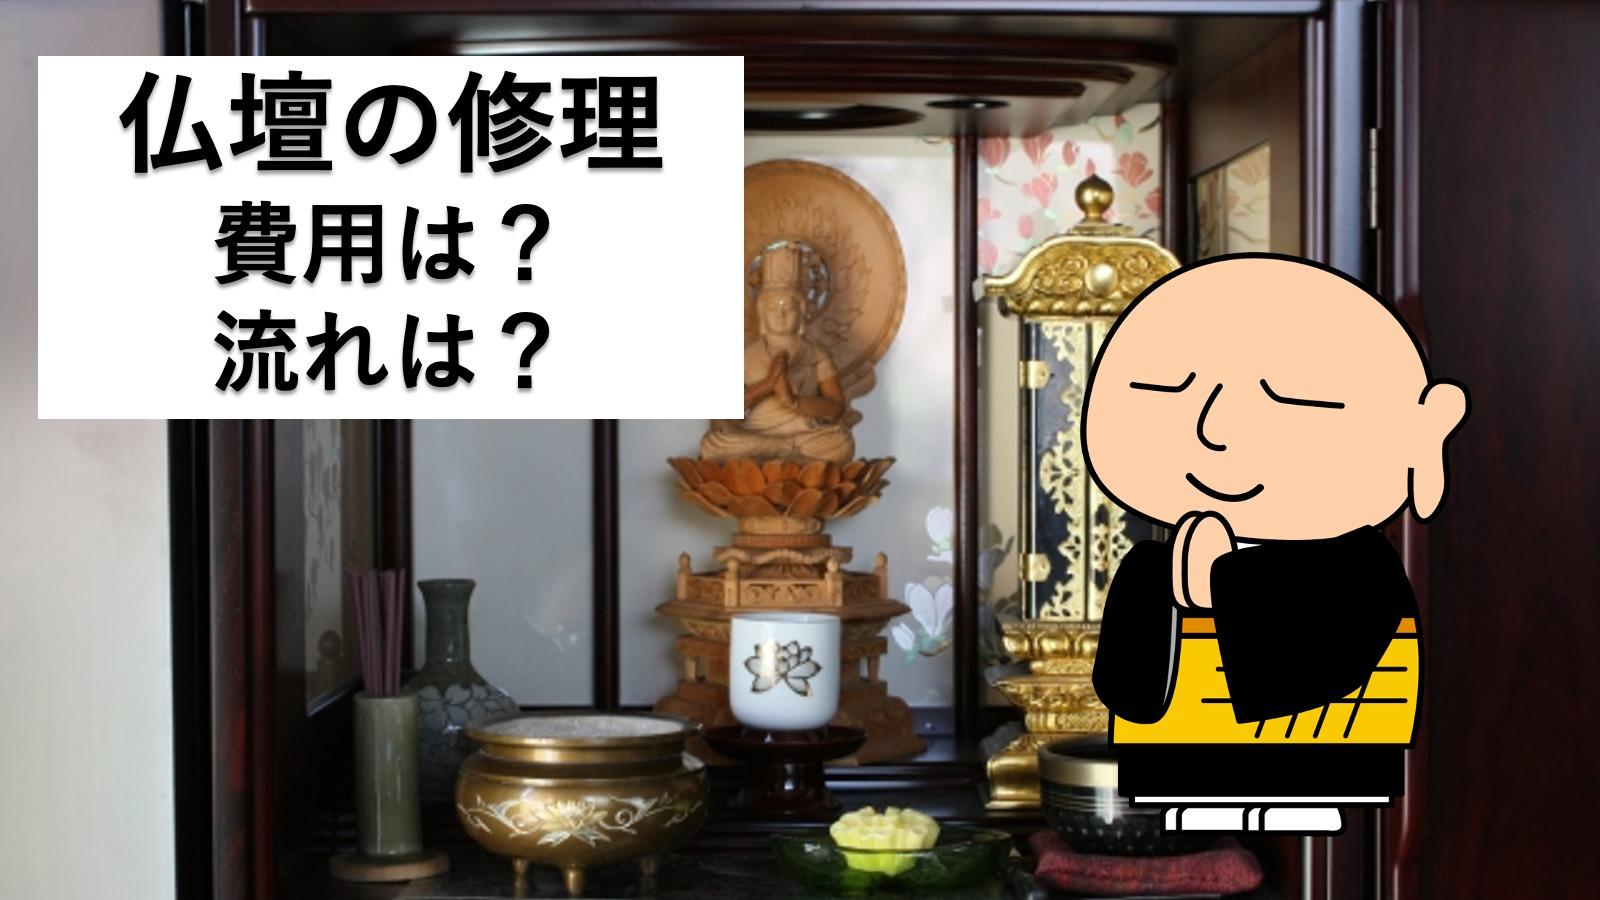 【仏壇 修理】仏壇の修理はどんなのがあるの?費用はどれくらい?